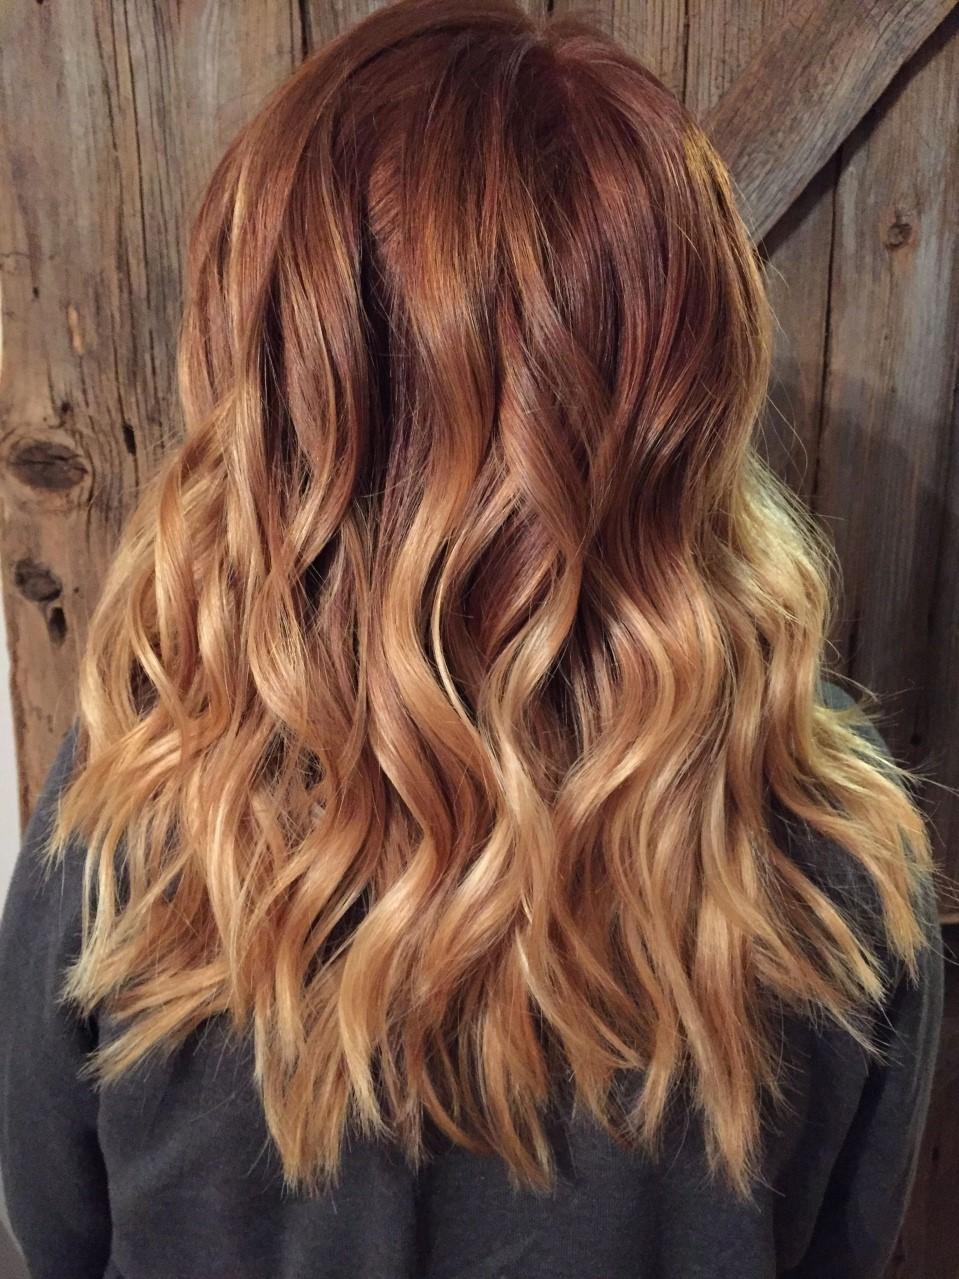 Il est également possible de créer un balayage dans différentes nuances de blond - comme le blond cendré ou le blond miel.